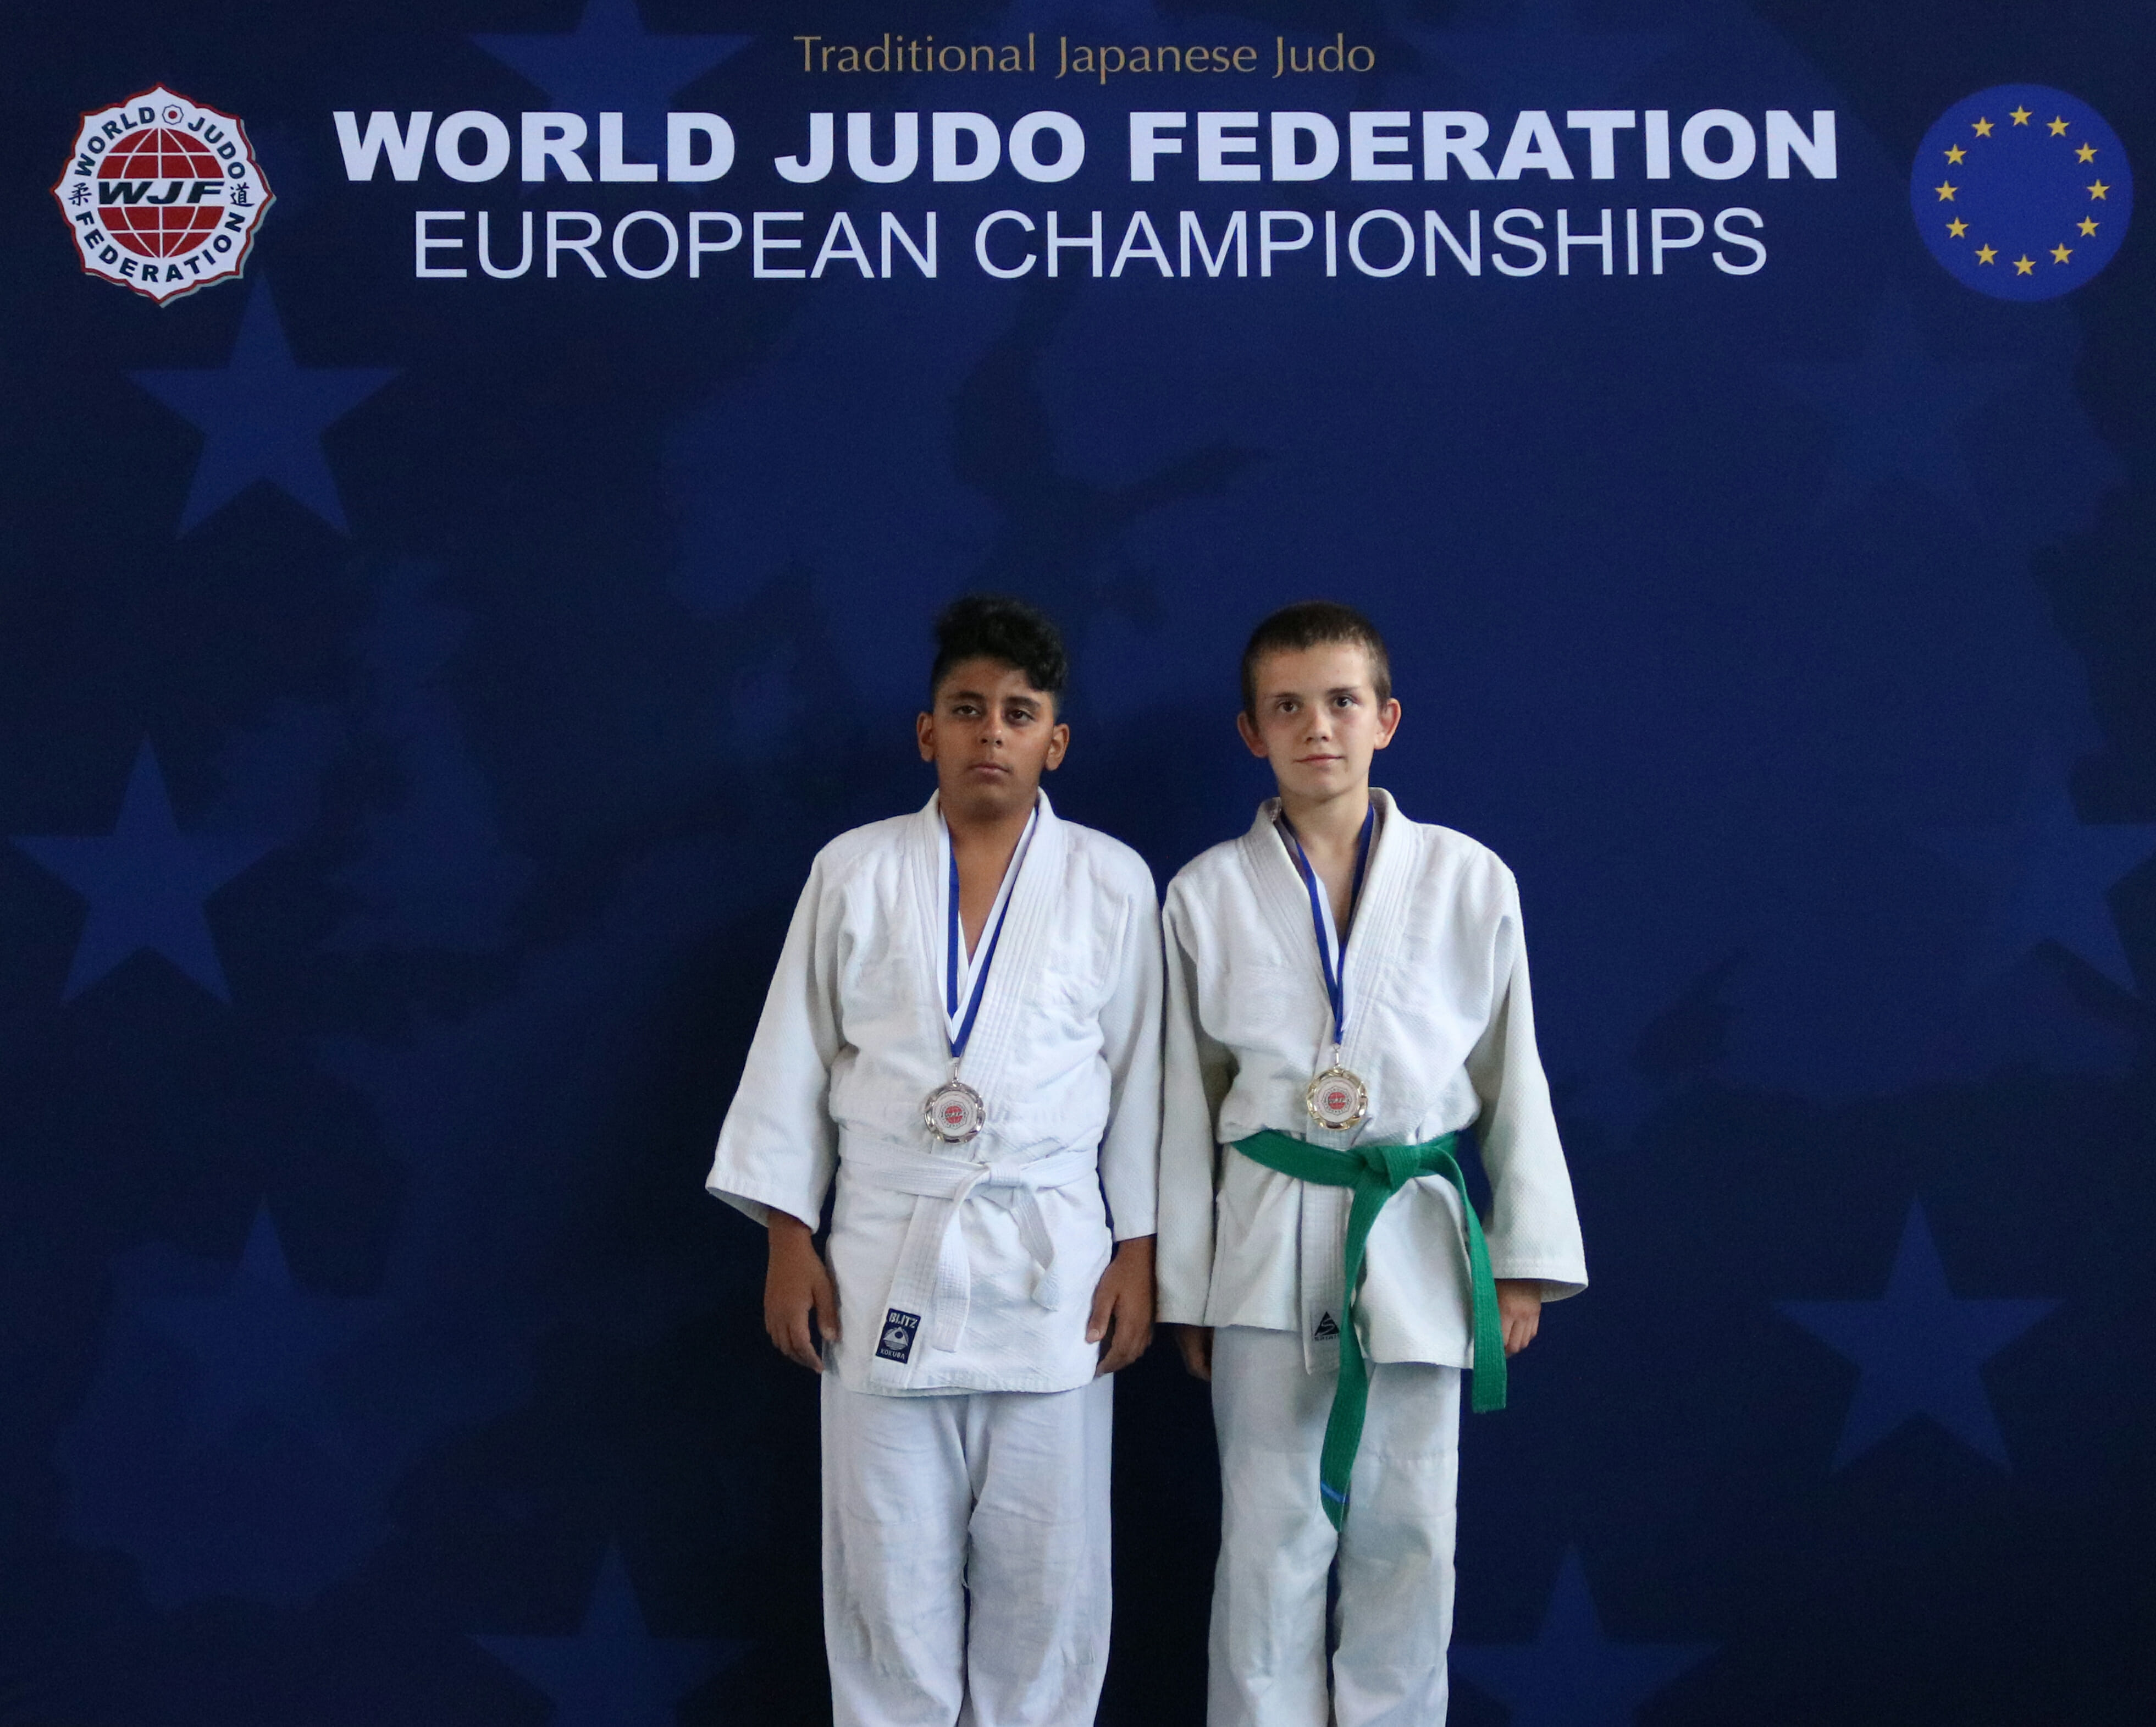 Benjamin Eriksen wins Gold at the 2018 WJF European Championships